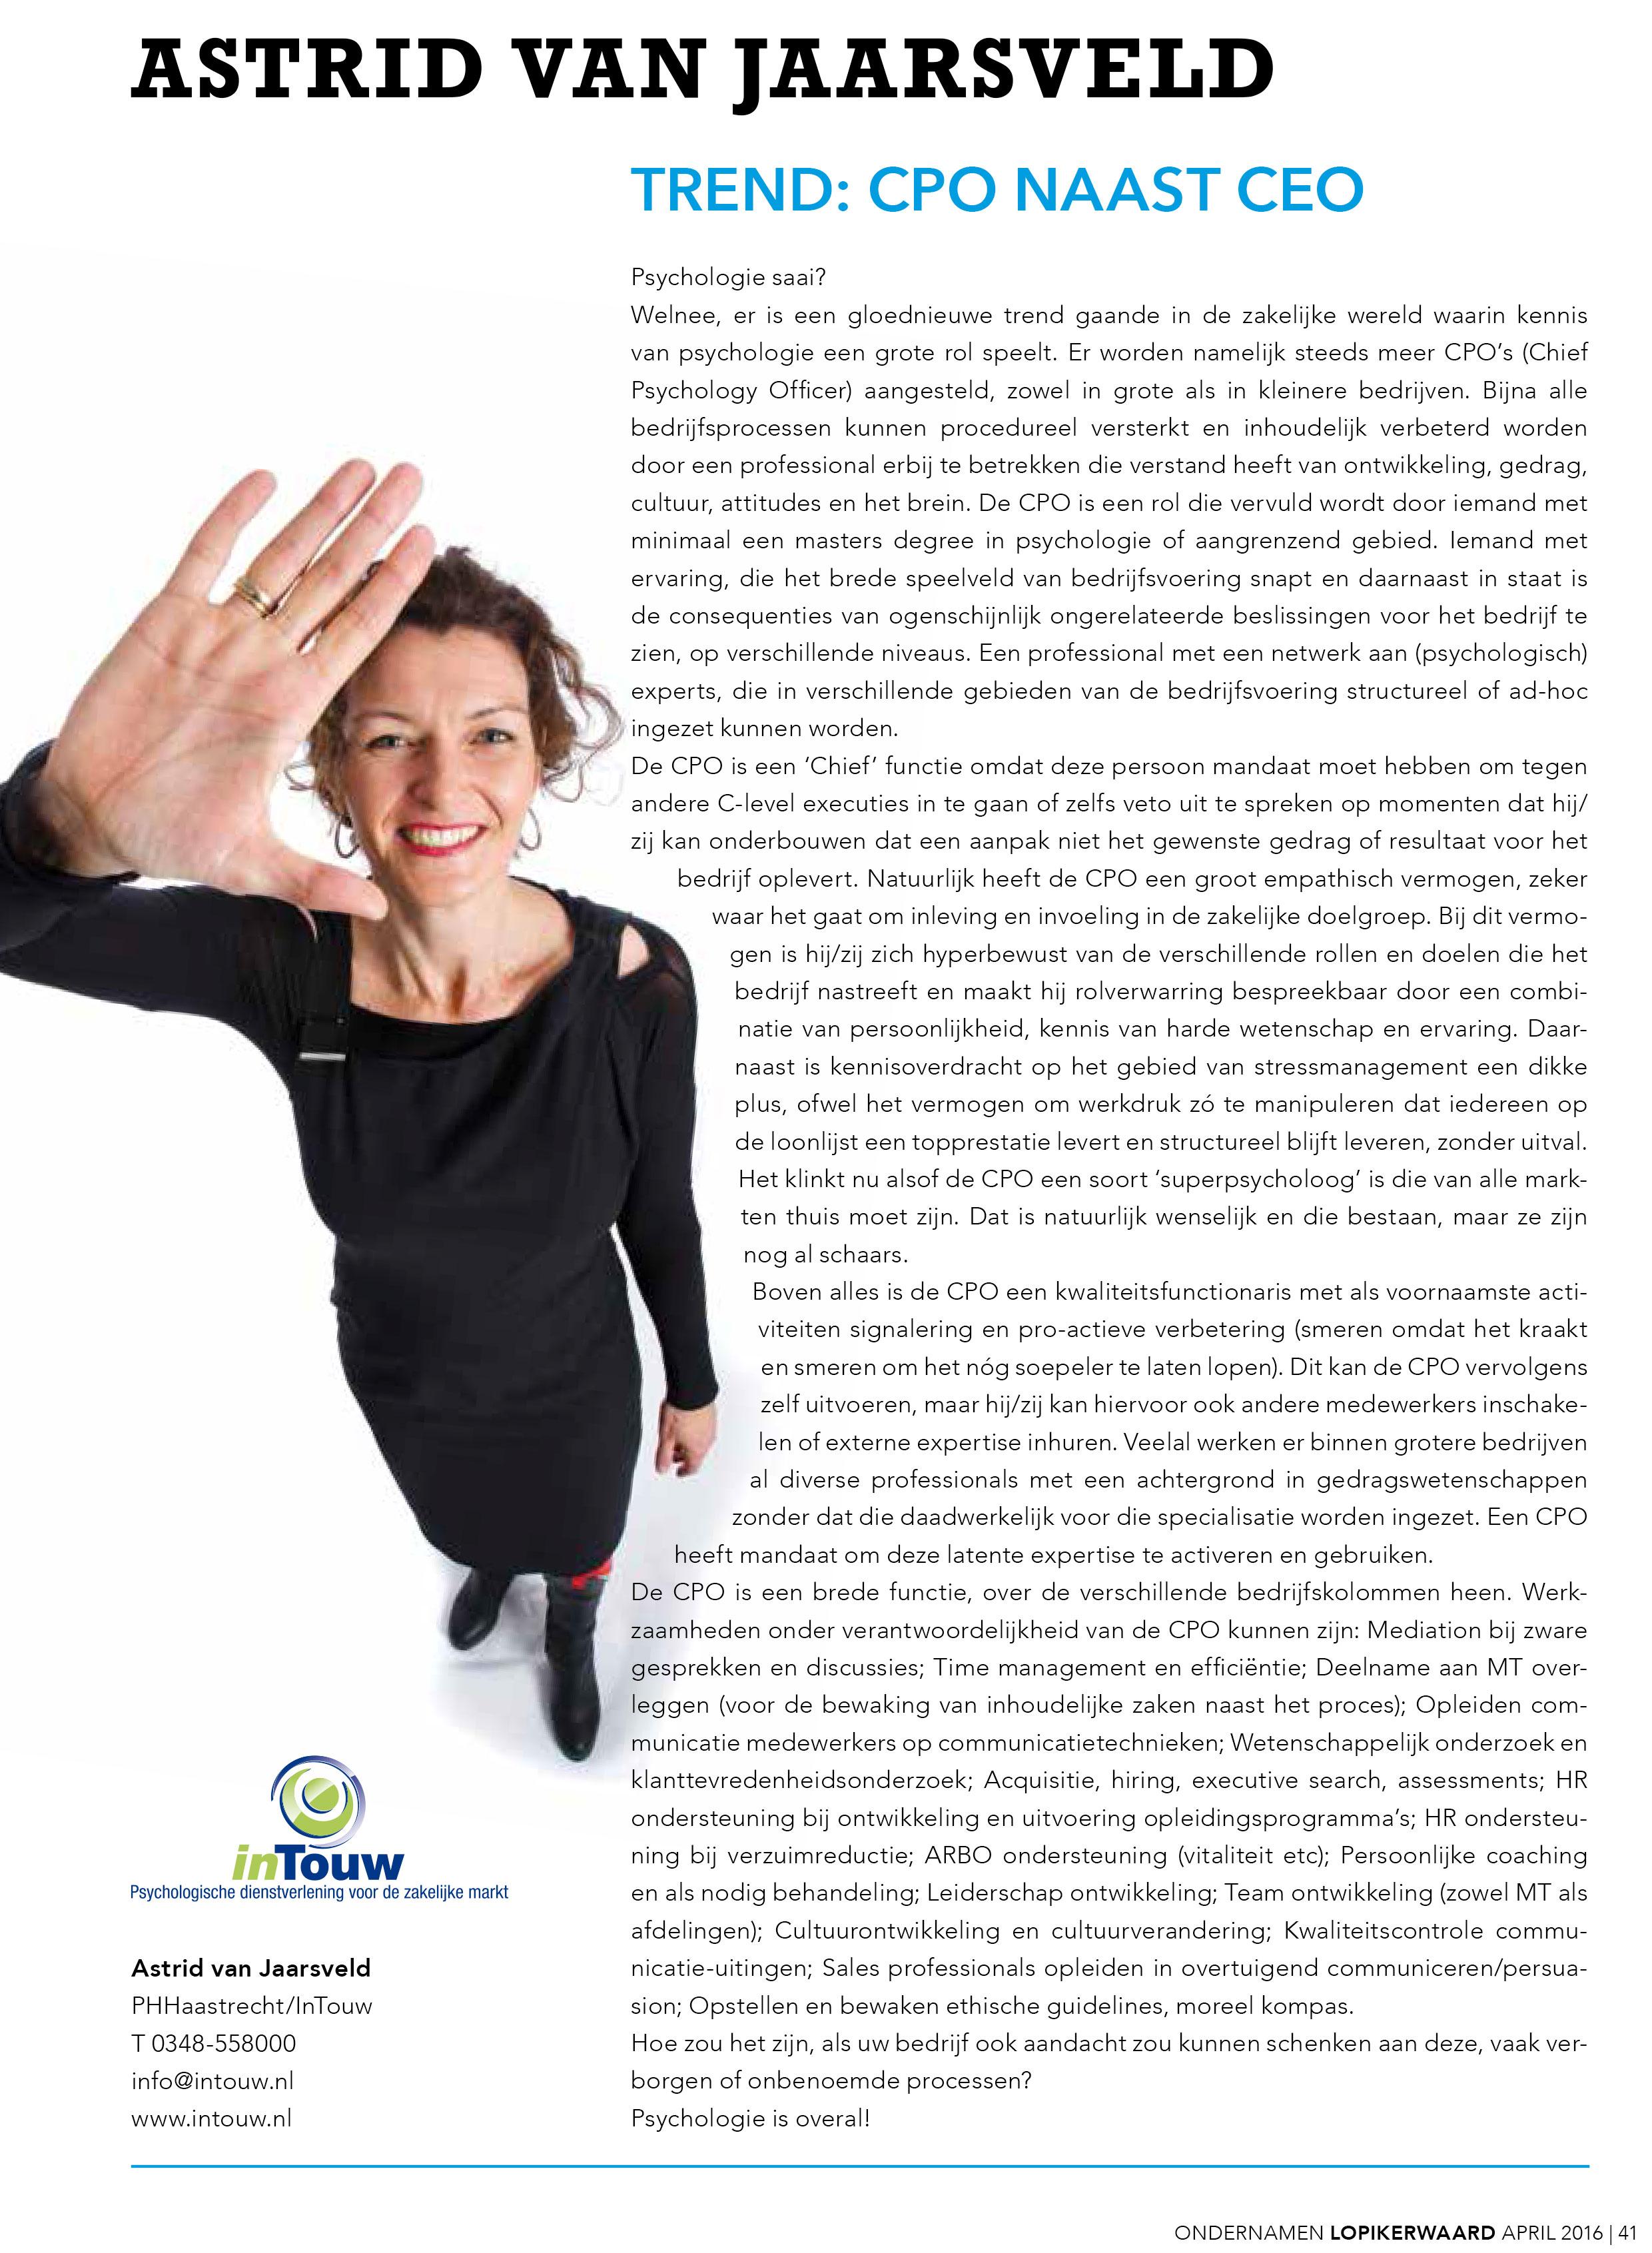 Column Astrid van Jaarsveld Trend CPO naast CEO